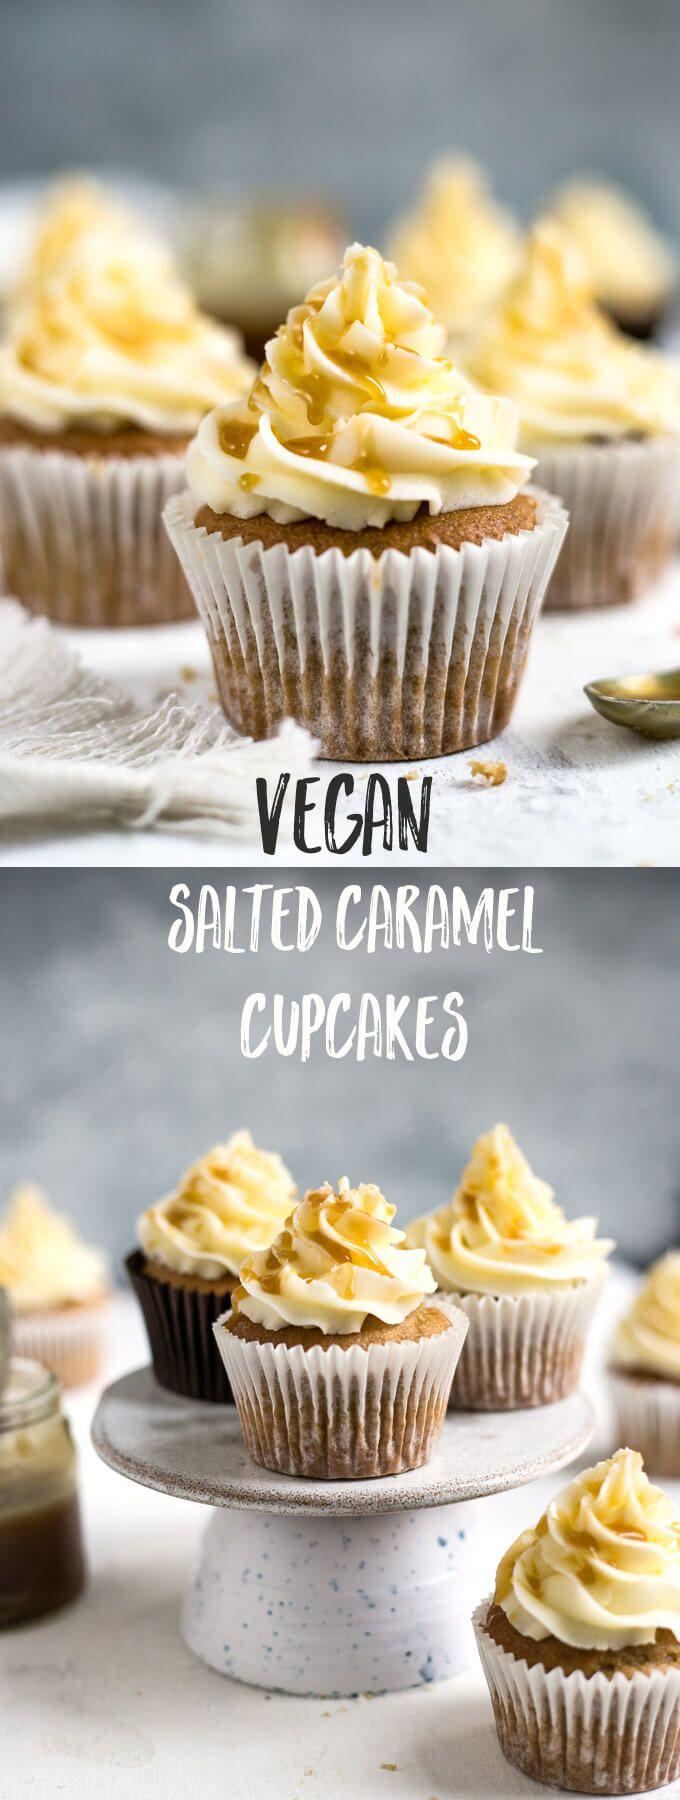 Beautiful vegan cupcakes with hidden salted caramel centre #vegan #dairyfree #cupcakes | via @annabanana.co